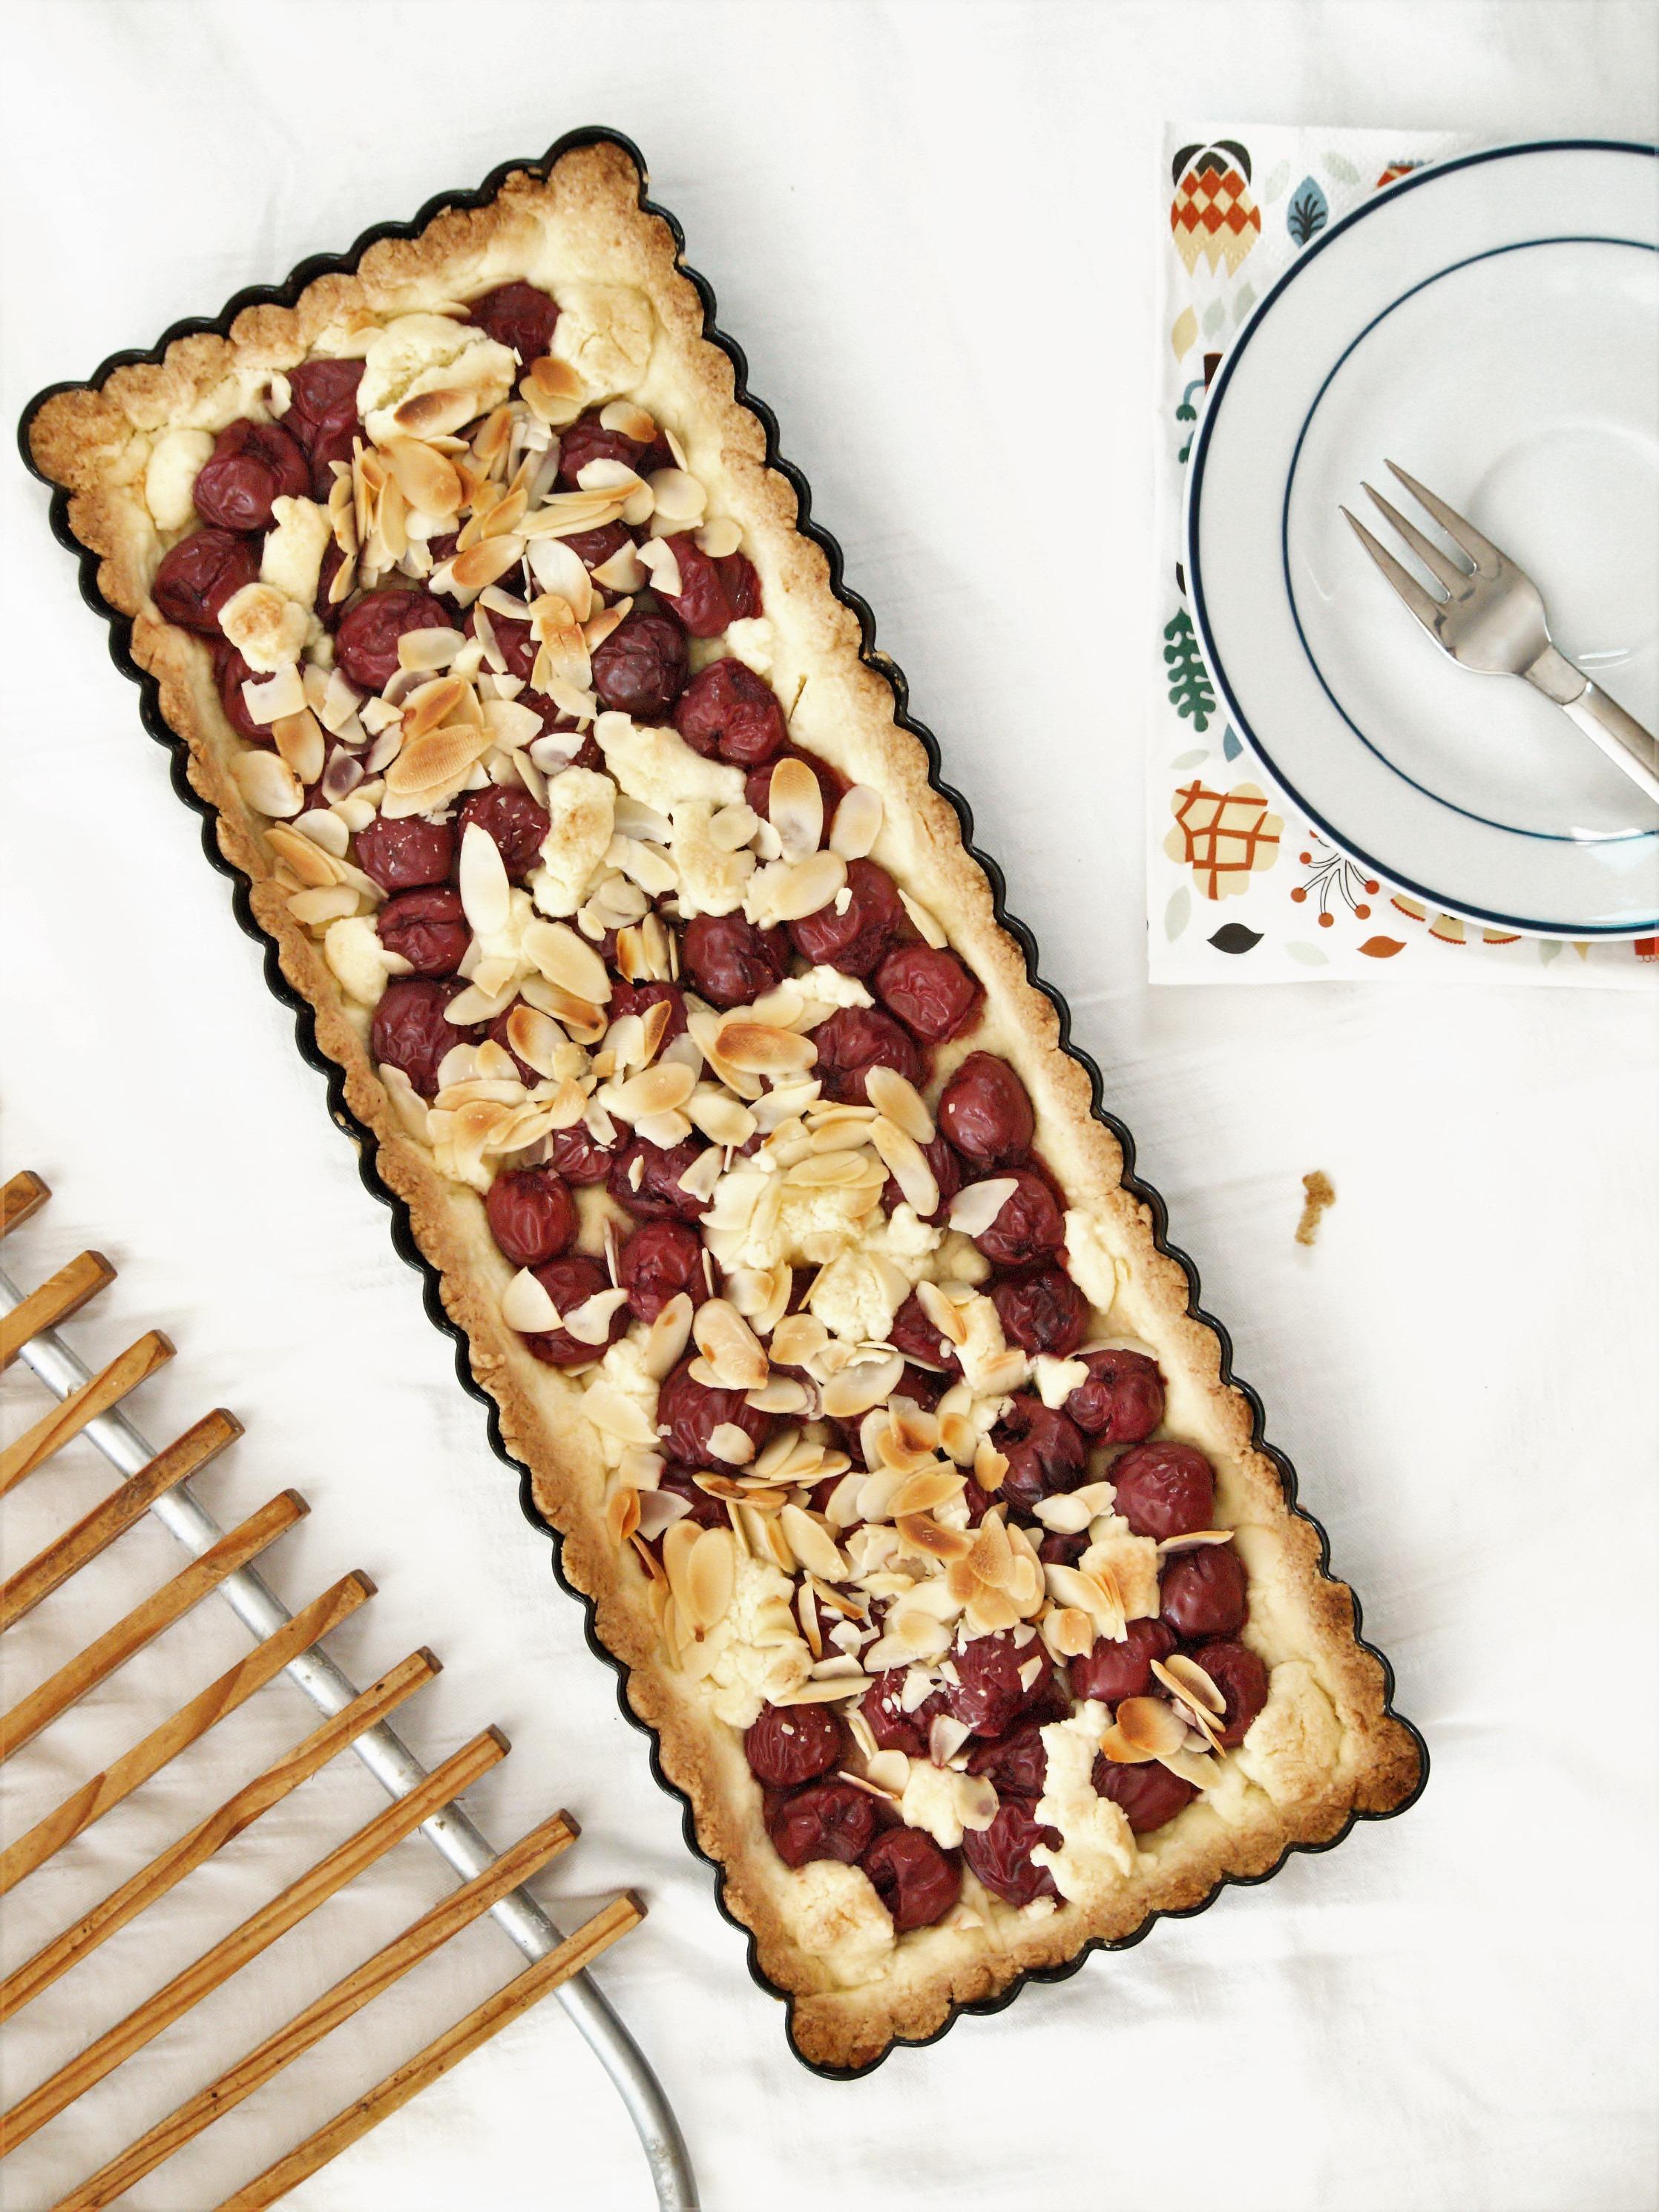 kirsch tarte glutenfrei backen mit reismehl und maismehl. Black Bedroom Furniture Sets. Home Design Ideas